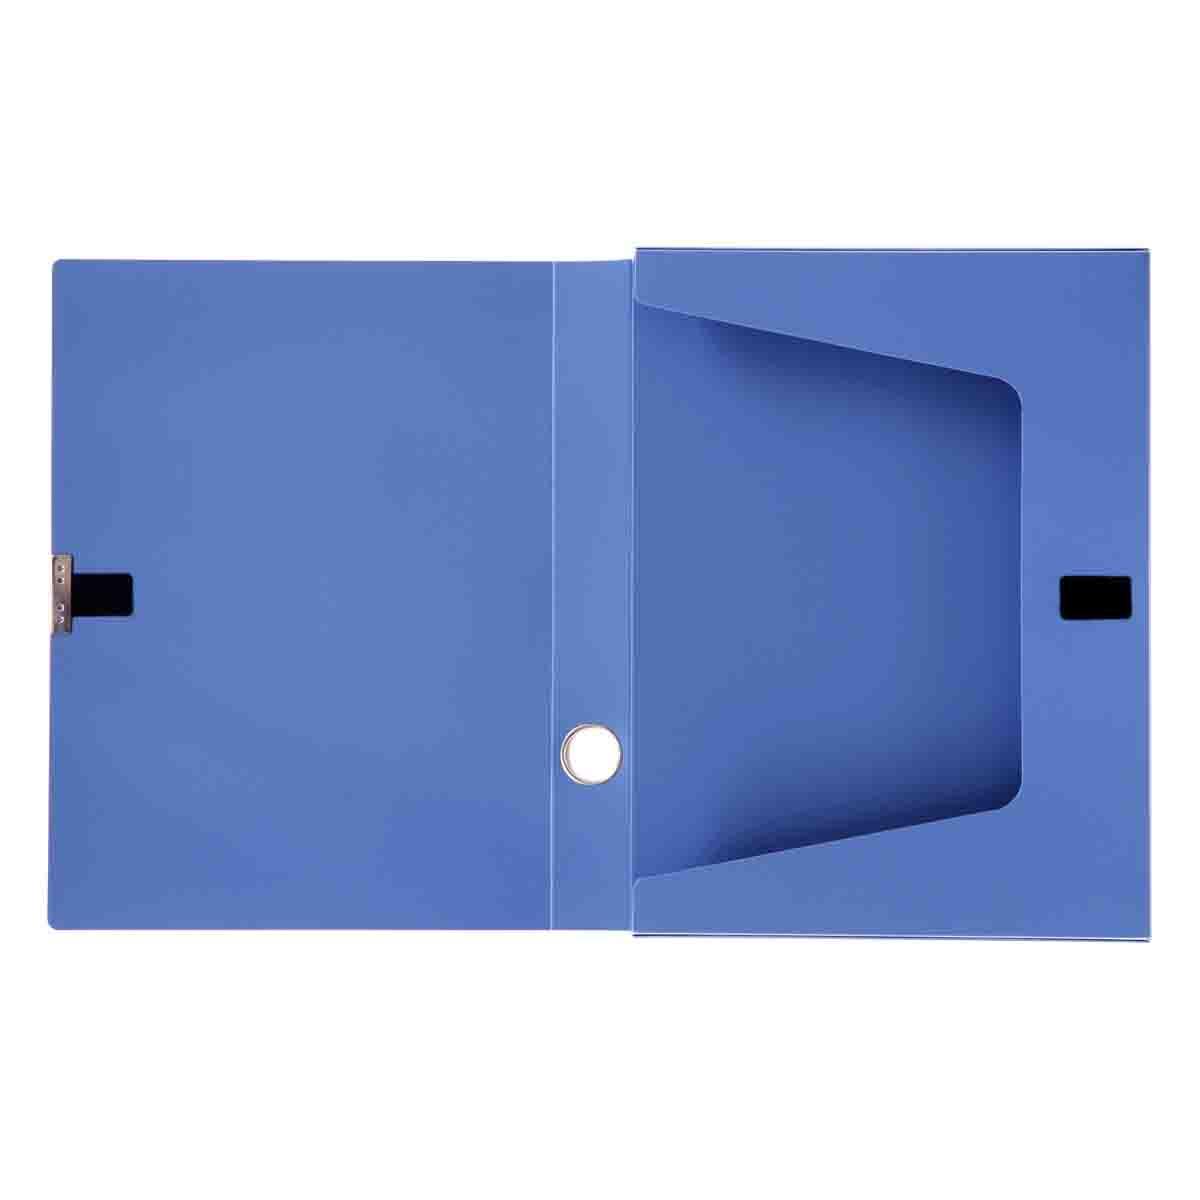 出售石家庄得力用品 销量好的档案盒提供